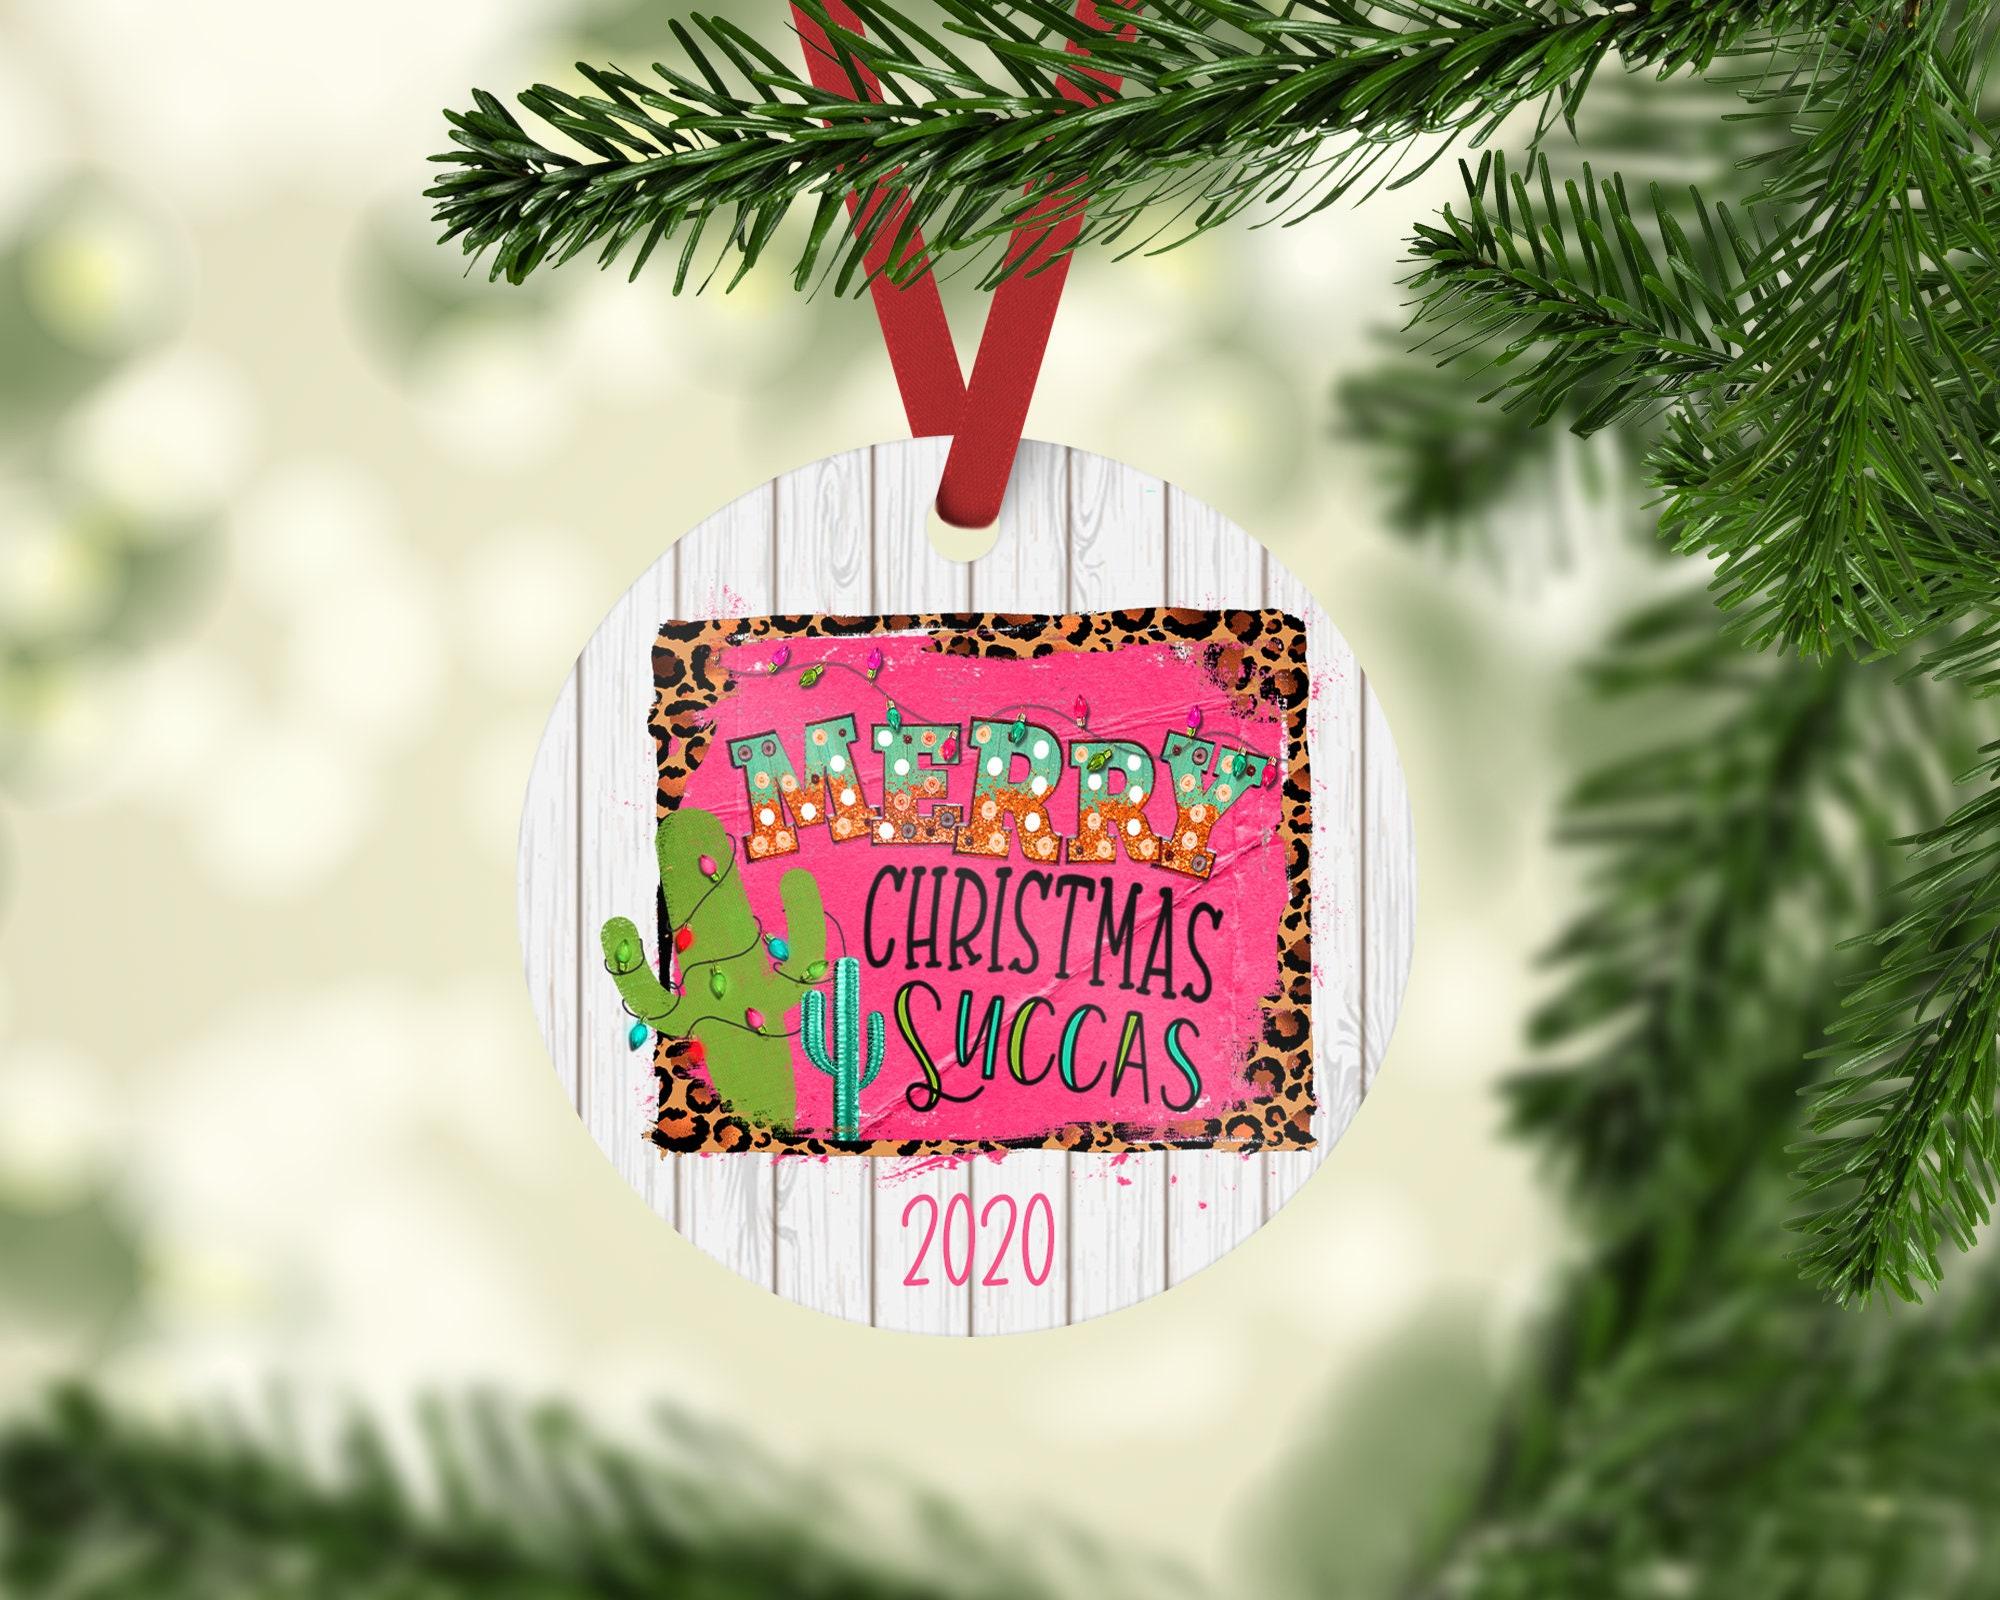 Merry Christmas Succas Christmas Ornament Christmas Ornament Succulent Christmas Ornament